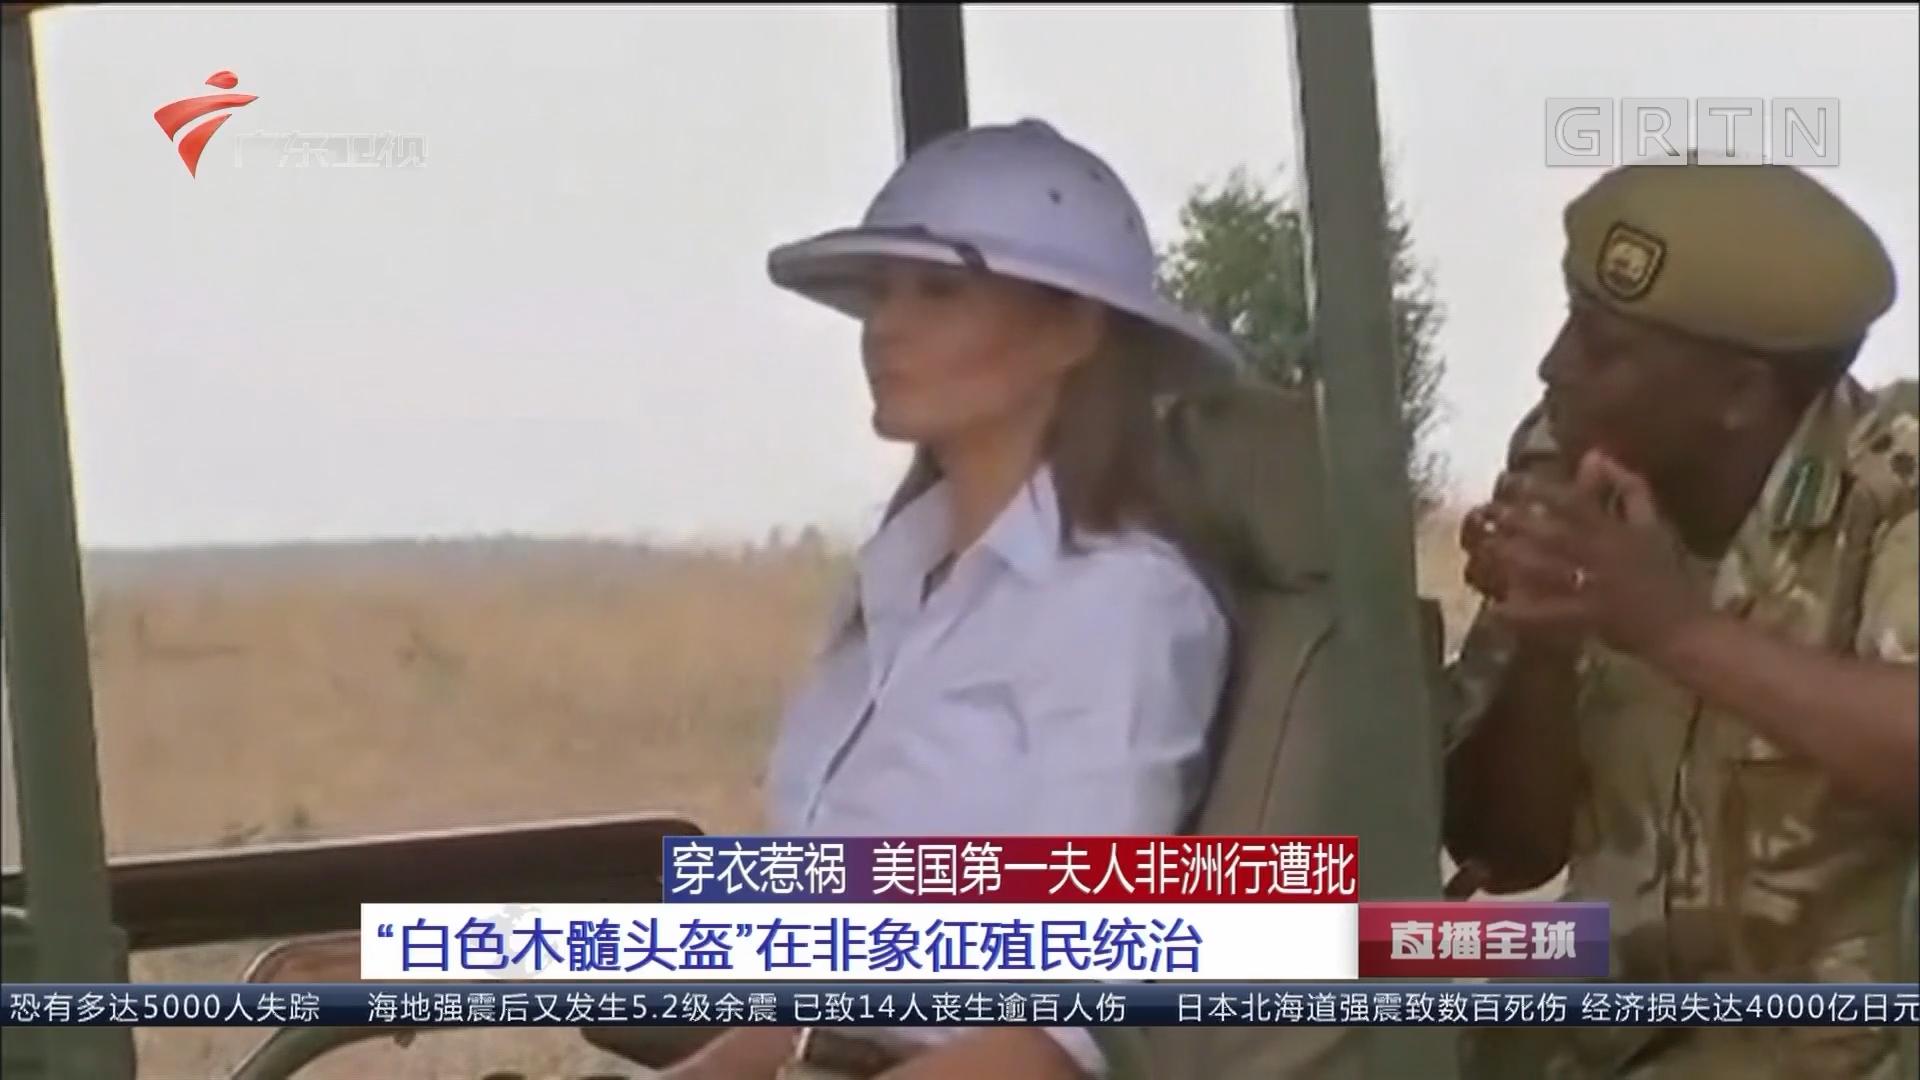 """穿衣惹祸 美国第一夫人非洲行遭批:""""白色木髓头盔""""在非象征殖民统治"""